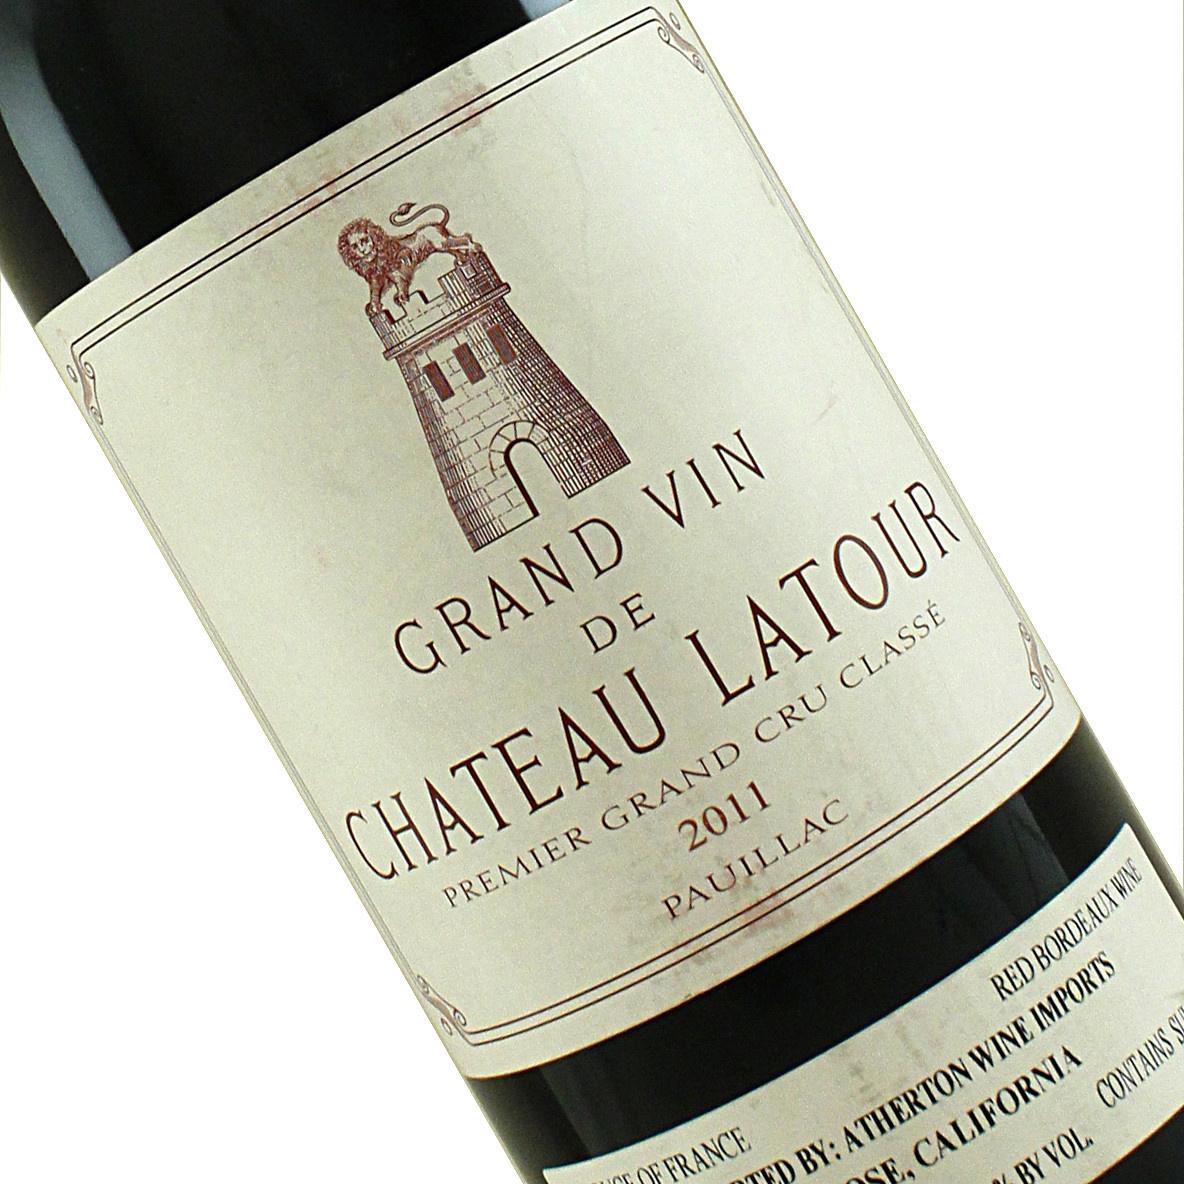 Chateau Latour 2011 Pauillac Premier Grand Cru, Bordeaux